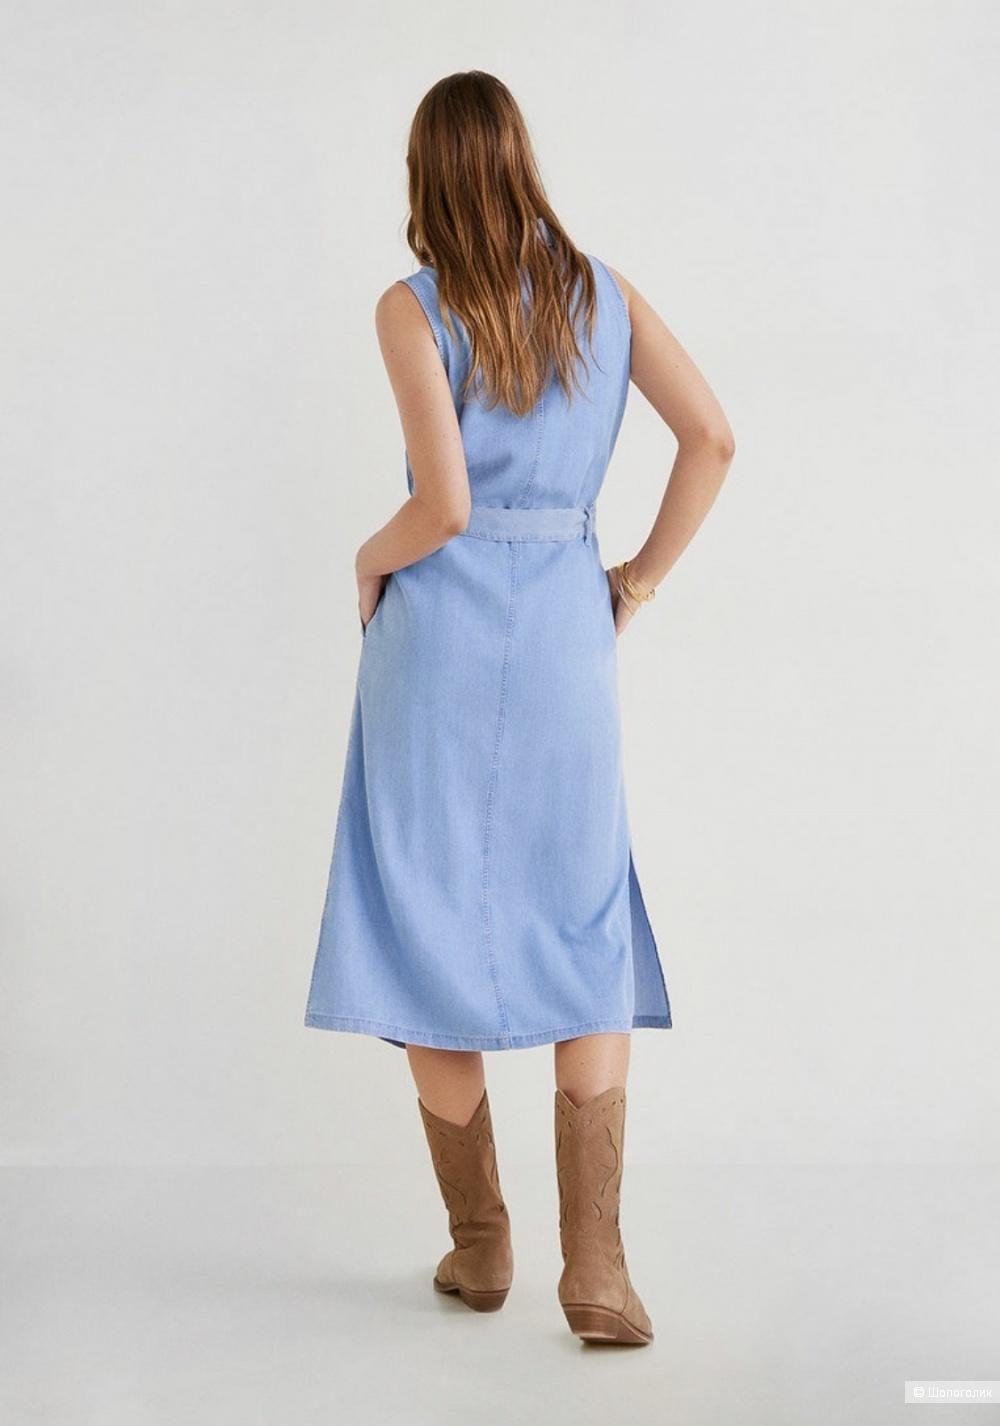 Платье- рубашка из лиоцелла mango, размер S/M